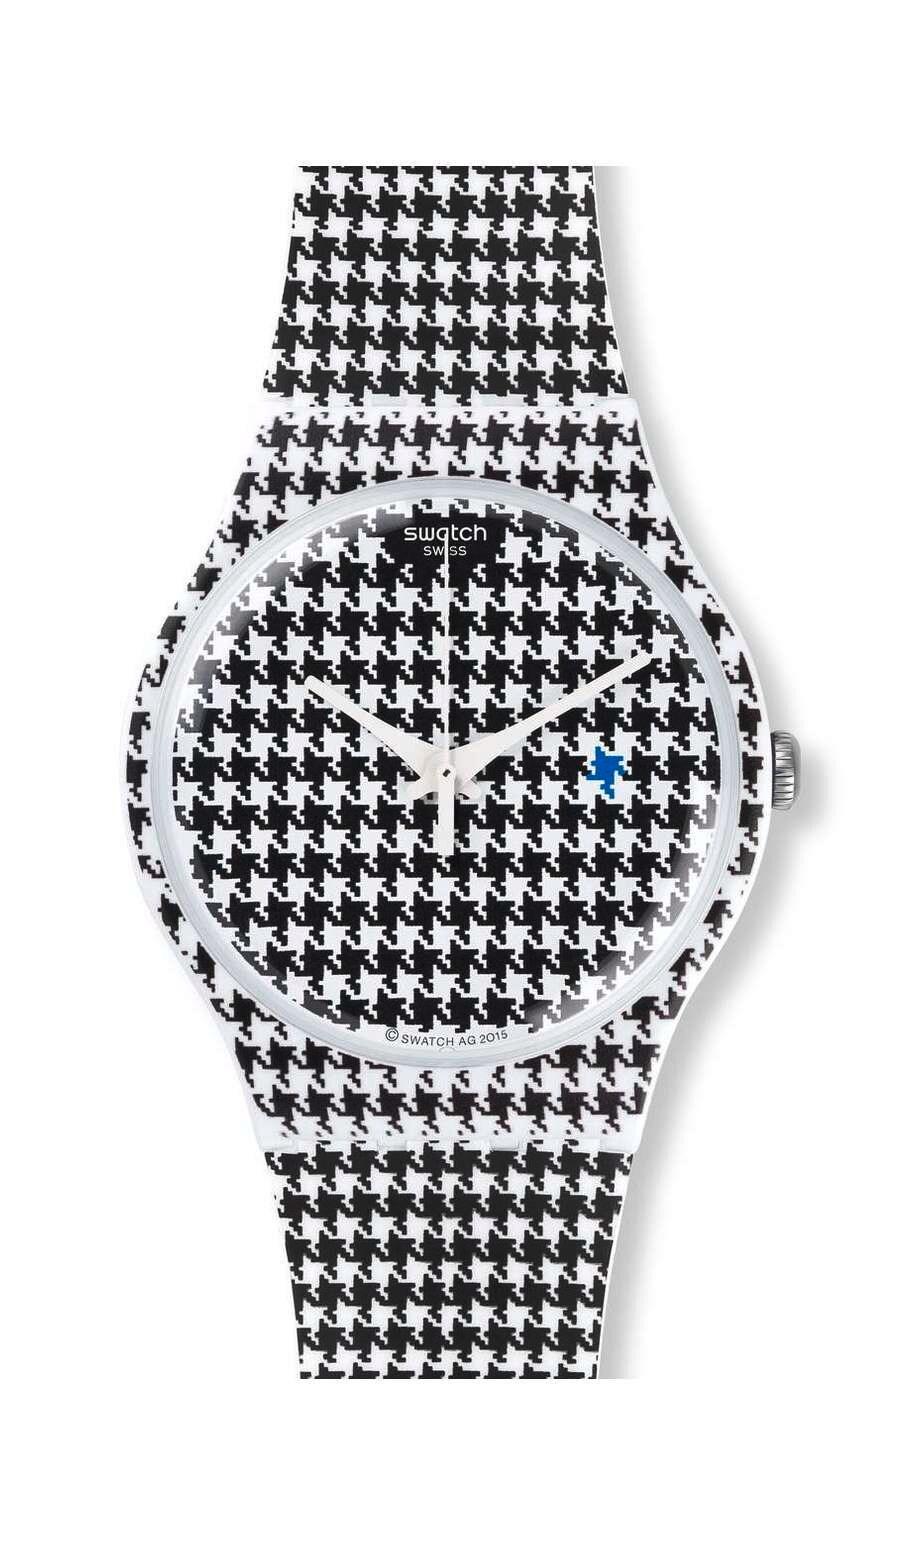 Swatch - CHICKEN RUN - 1